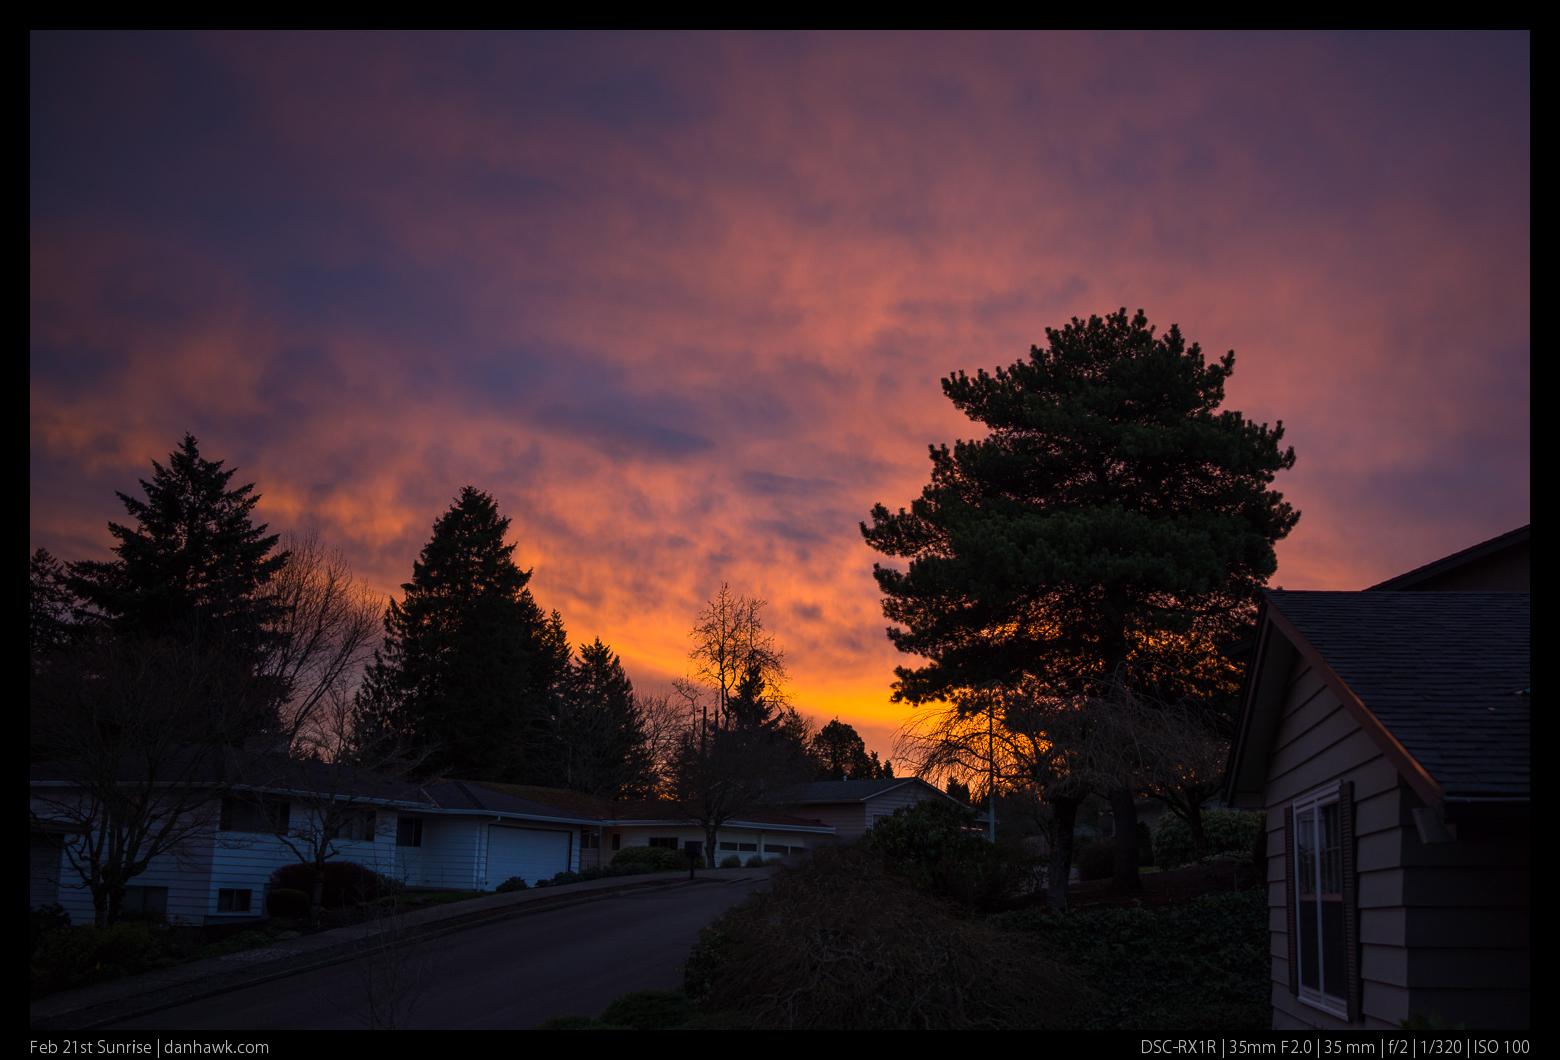 Feb 21st Sunrise